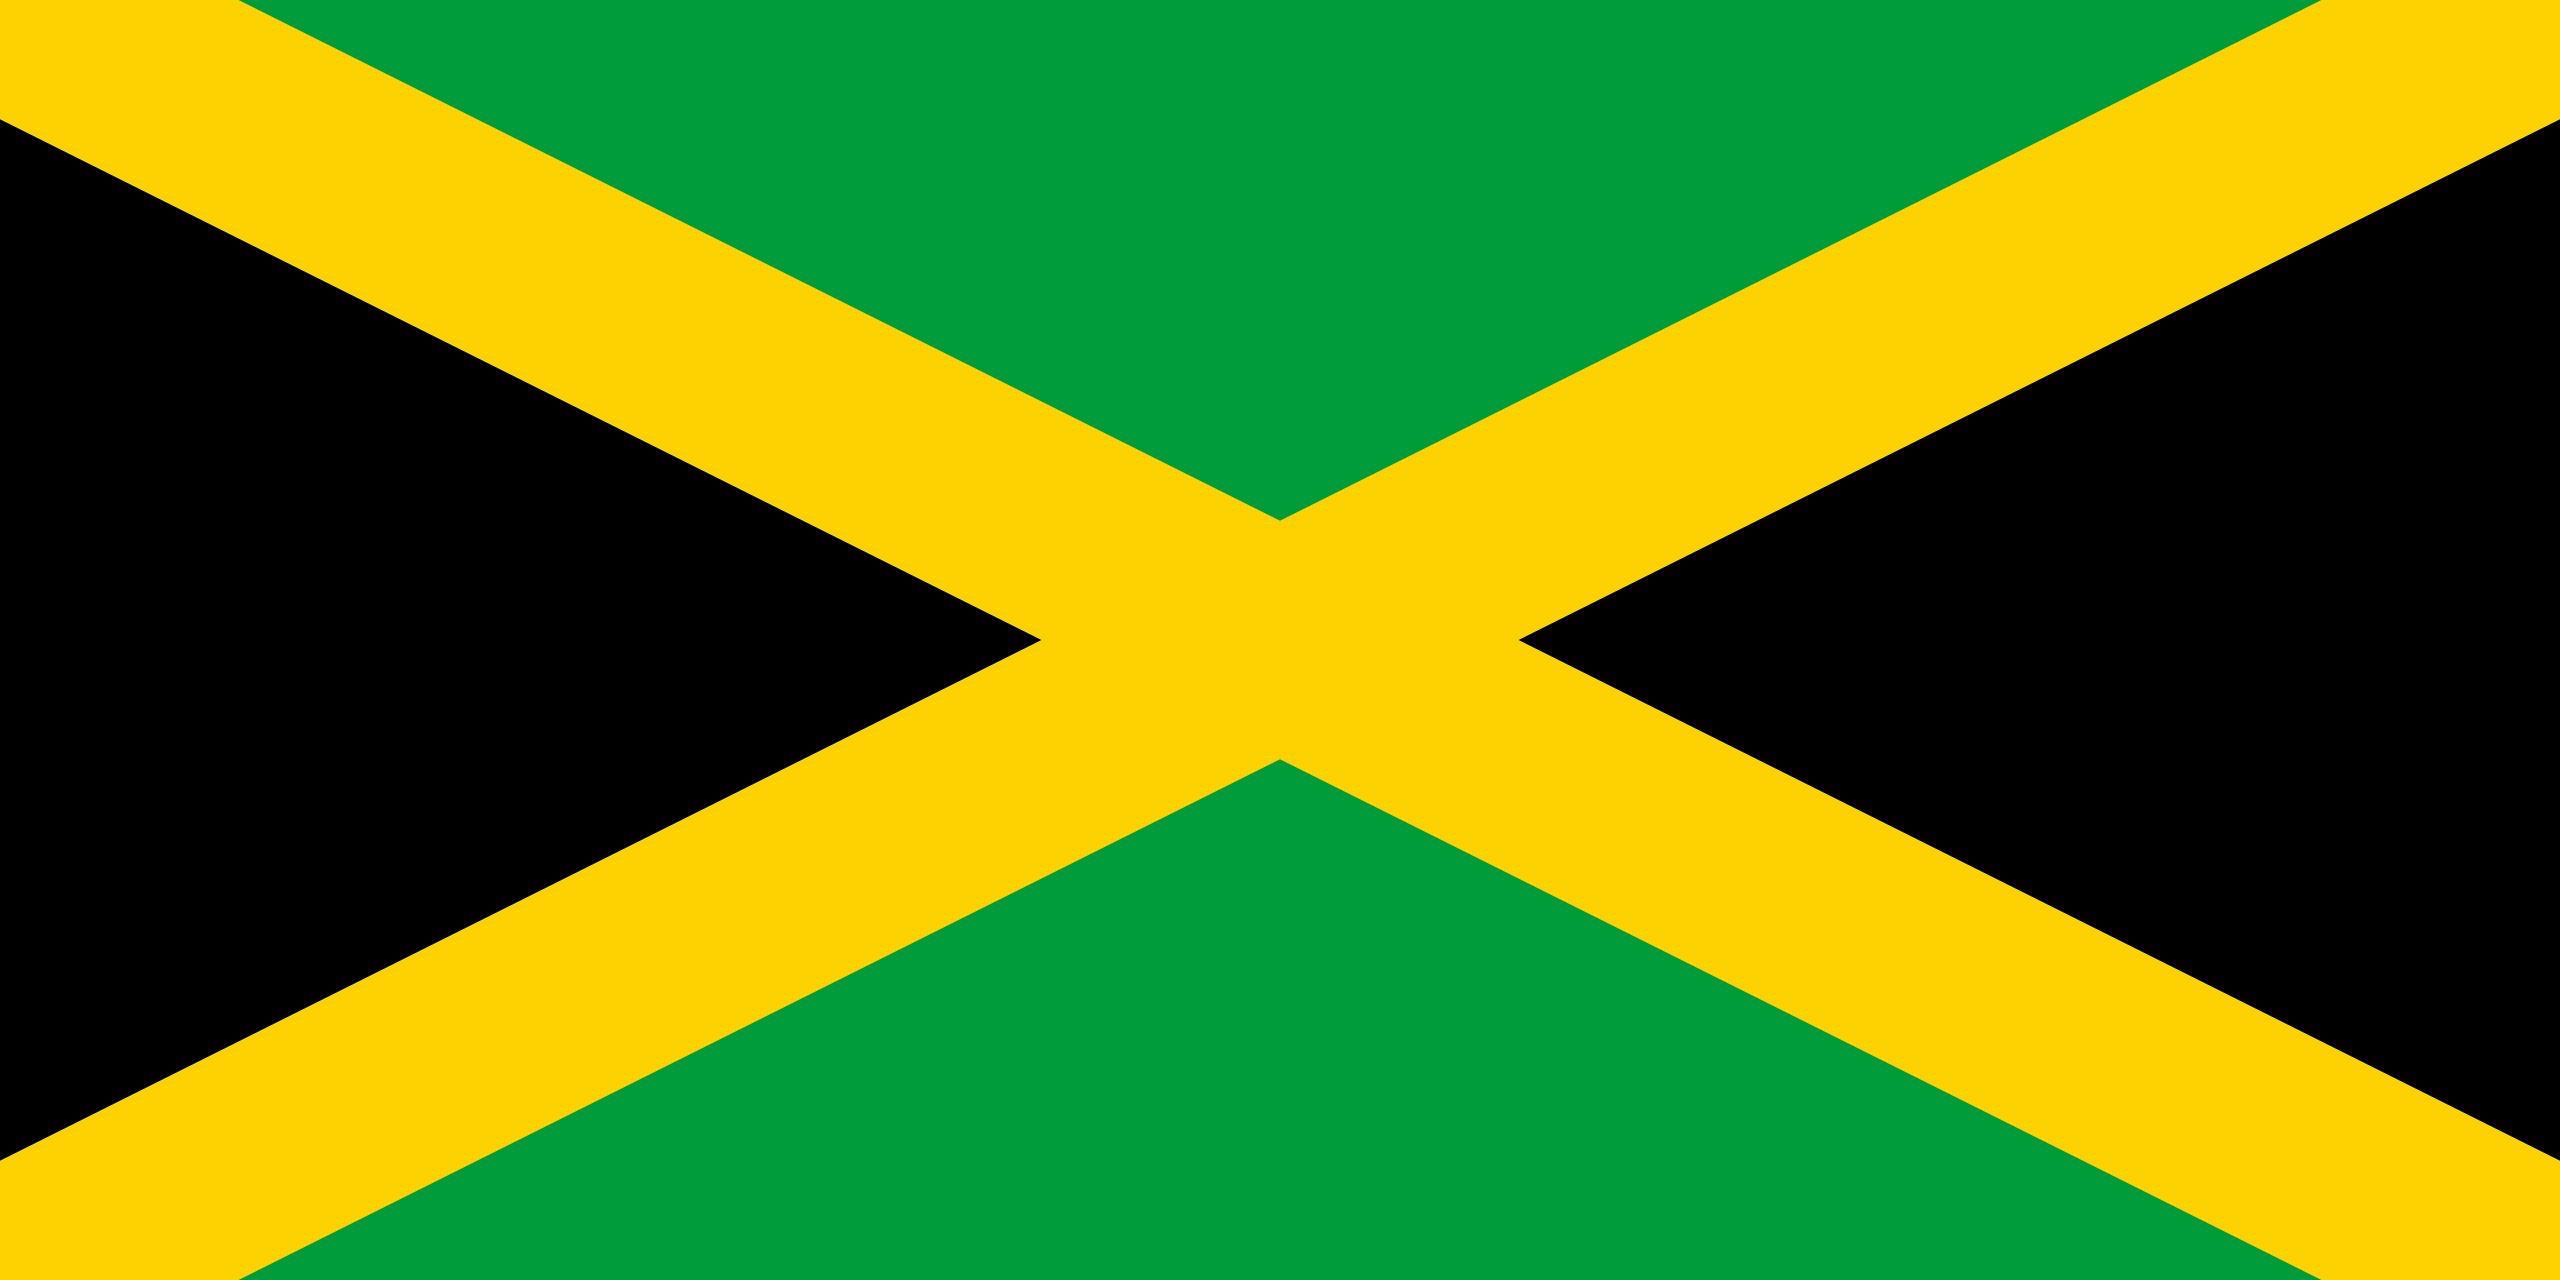 Jamaika'nın Başkenti ve Para Birimi Nedir? Jamaika'nın Bayrağı Nasıldır?